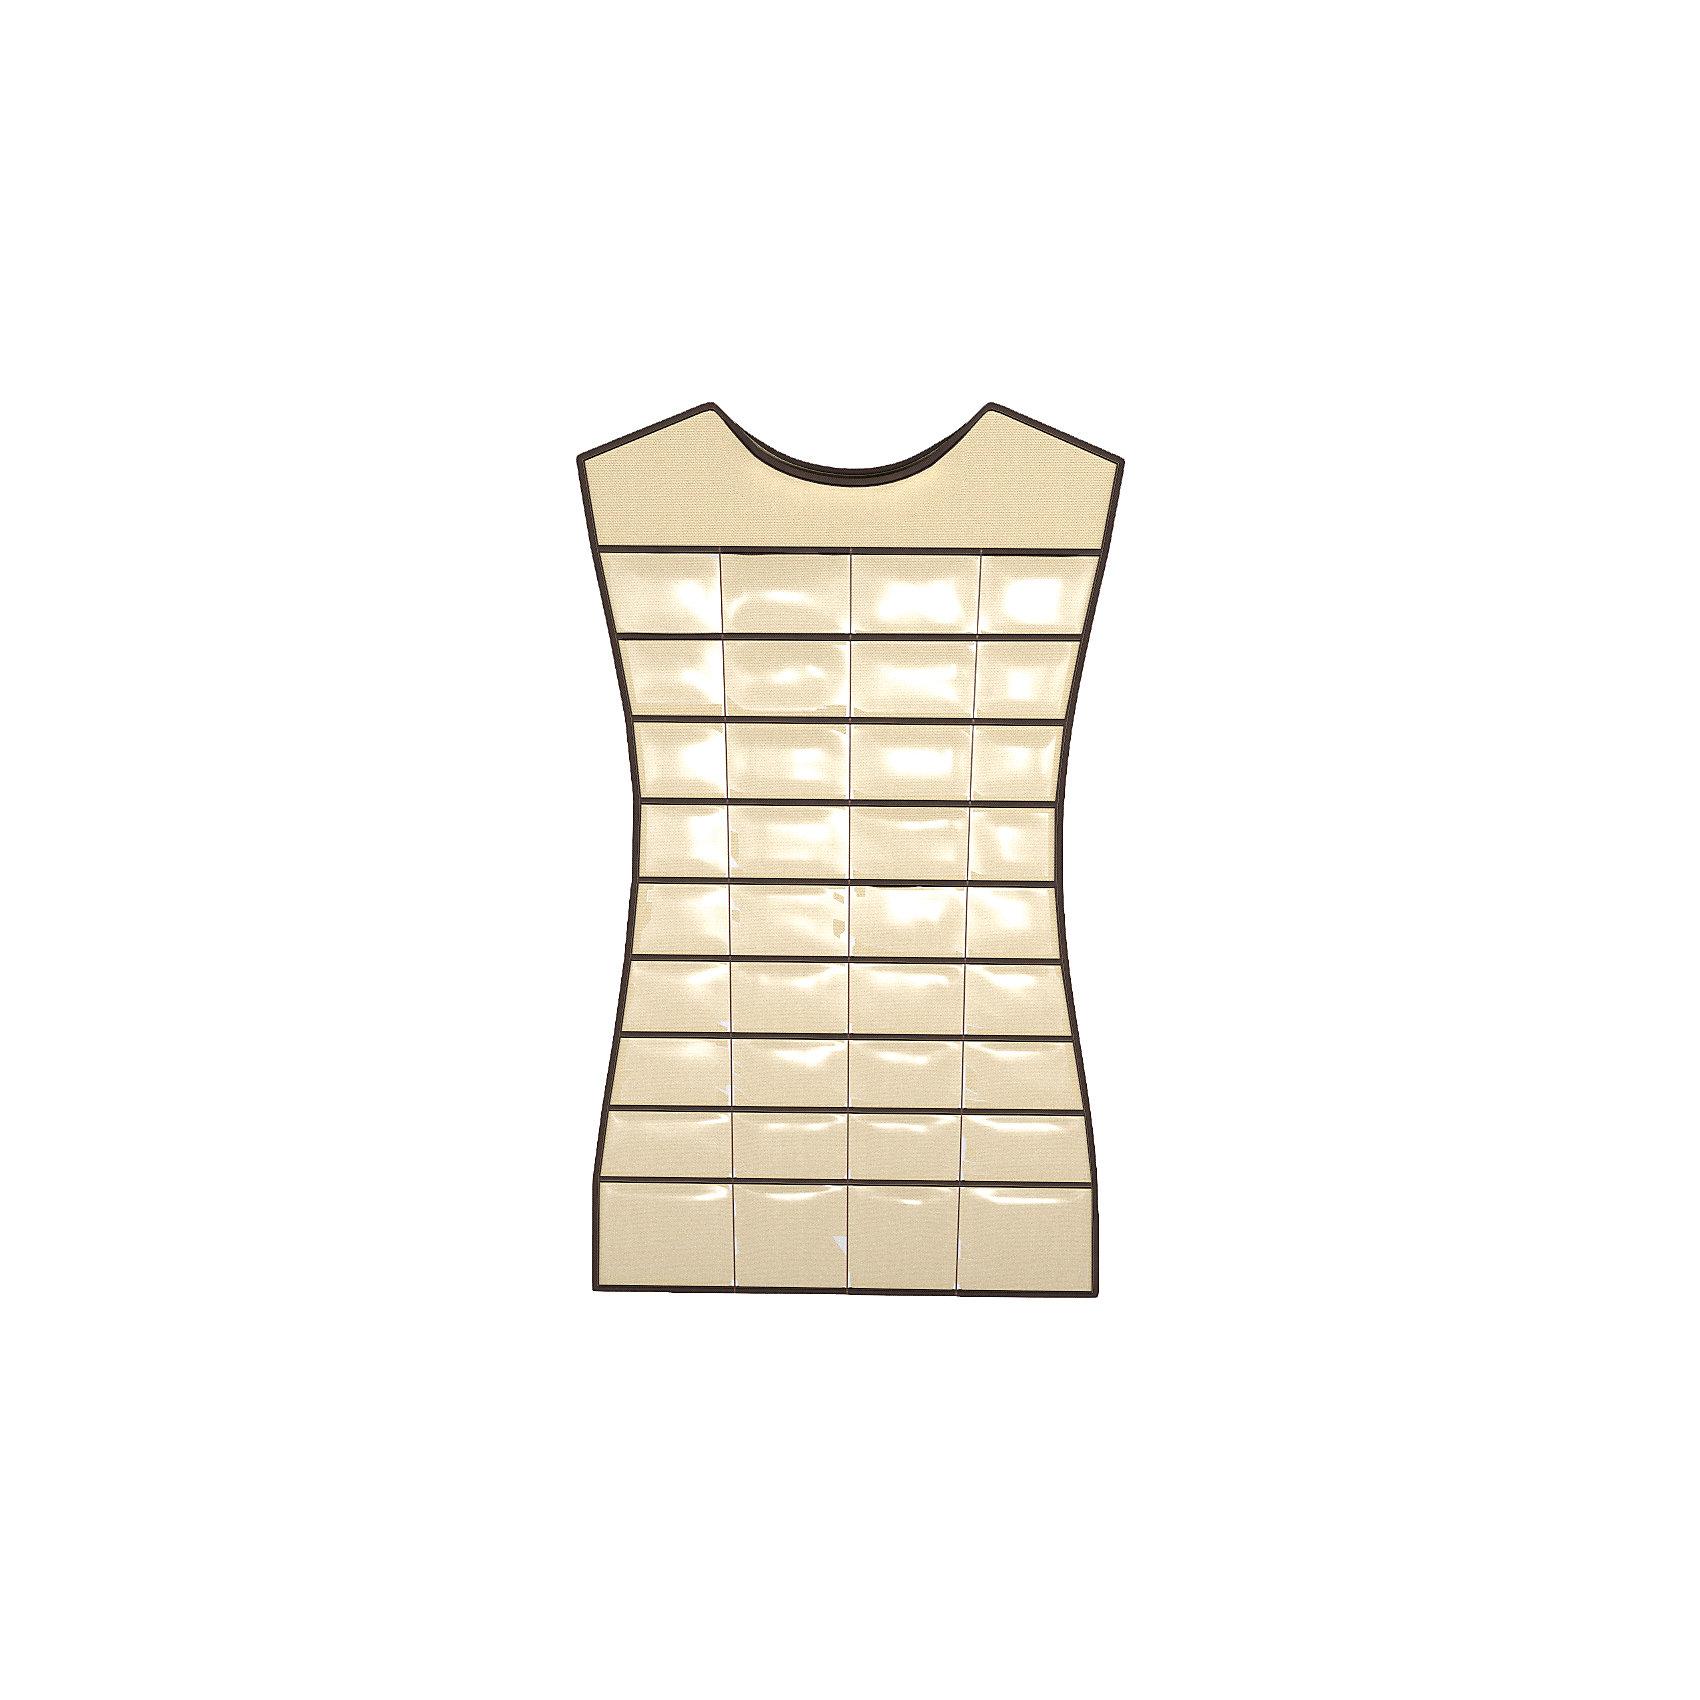 Органайзер-платье для украшений, аксессуаров, мелочей, HomsuОрганайзеры для одежды<br>Характеристики товара:<br><br>• цвет: бежевый<br>• материал: полиэстер, ПВХ<br>• размер: 46х75 см<br>• вес: 300 г<br>• подвесной<br>• крепление: крючок<br>• вместимость: 36 отделений<br>• страна бренда: Россия<br>• страна изготовитель: Китай<br><br>Органайзер-платье для украшений, аксессуаров, мелочей, от бренда Homsu (Хомсу) - очень удобная вещь для хранения вещей и эргономичной организации пространства.<br><br>Он легкий, вместительный, легко помещается в шкафу или на двери.<br><br>Органайзер-платье для украшений, аксессуаров, мелочей, Homsu можно купить в нашем интернет-магазине.<br><br>Ширина мм: 150<br>Глубина мм: 450<br>Высота мм: 20<br>Вес г: 300<br>Возраст от месяцев: 216<br>Возраст до месяцев: 1188<br>Пол: Унисекс<br>Возраст: Детский<br>SKU: 5620103